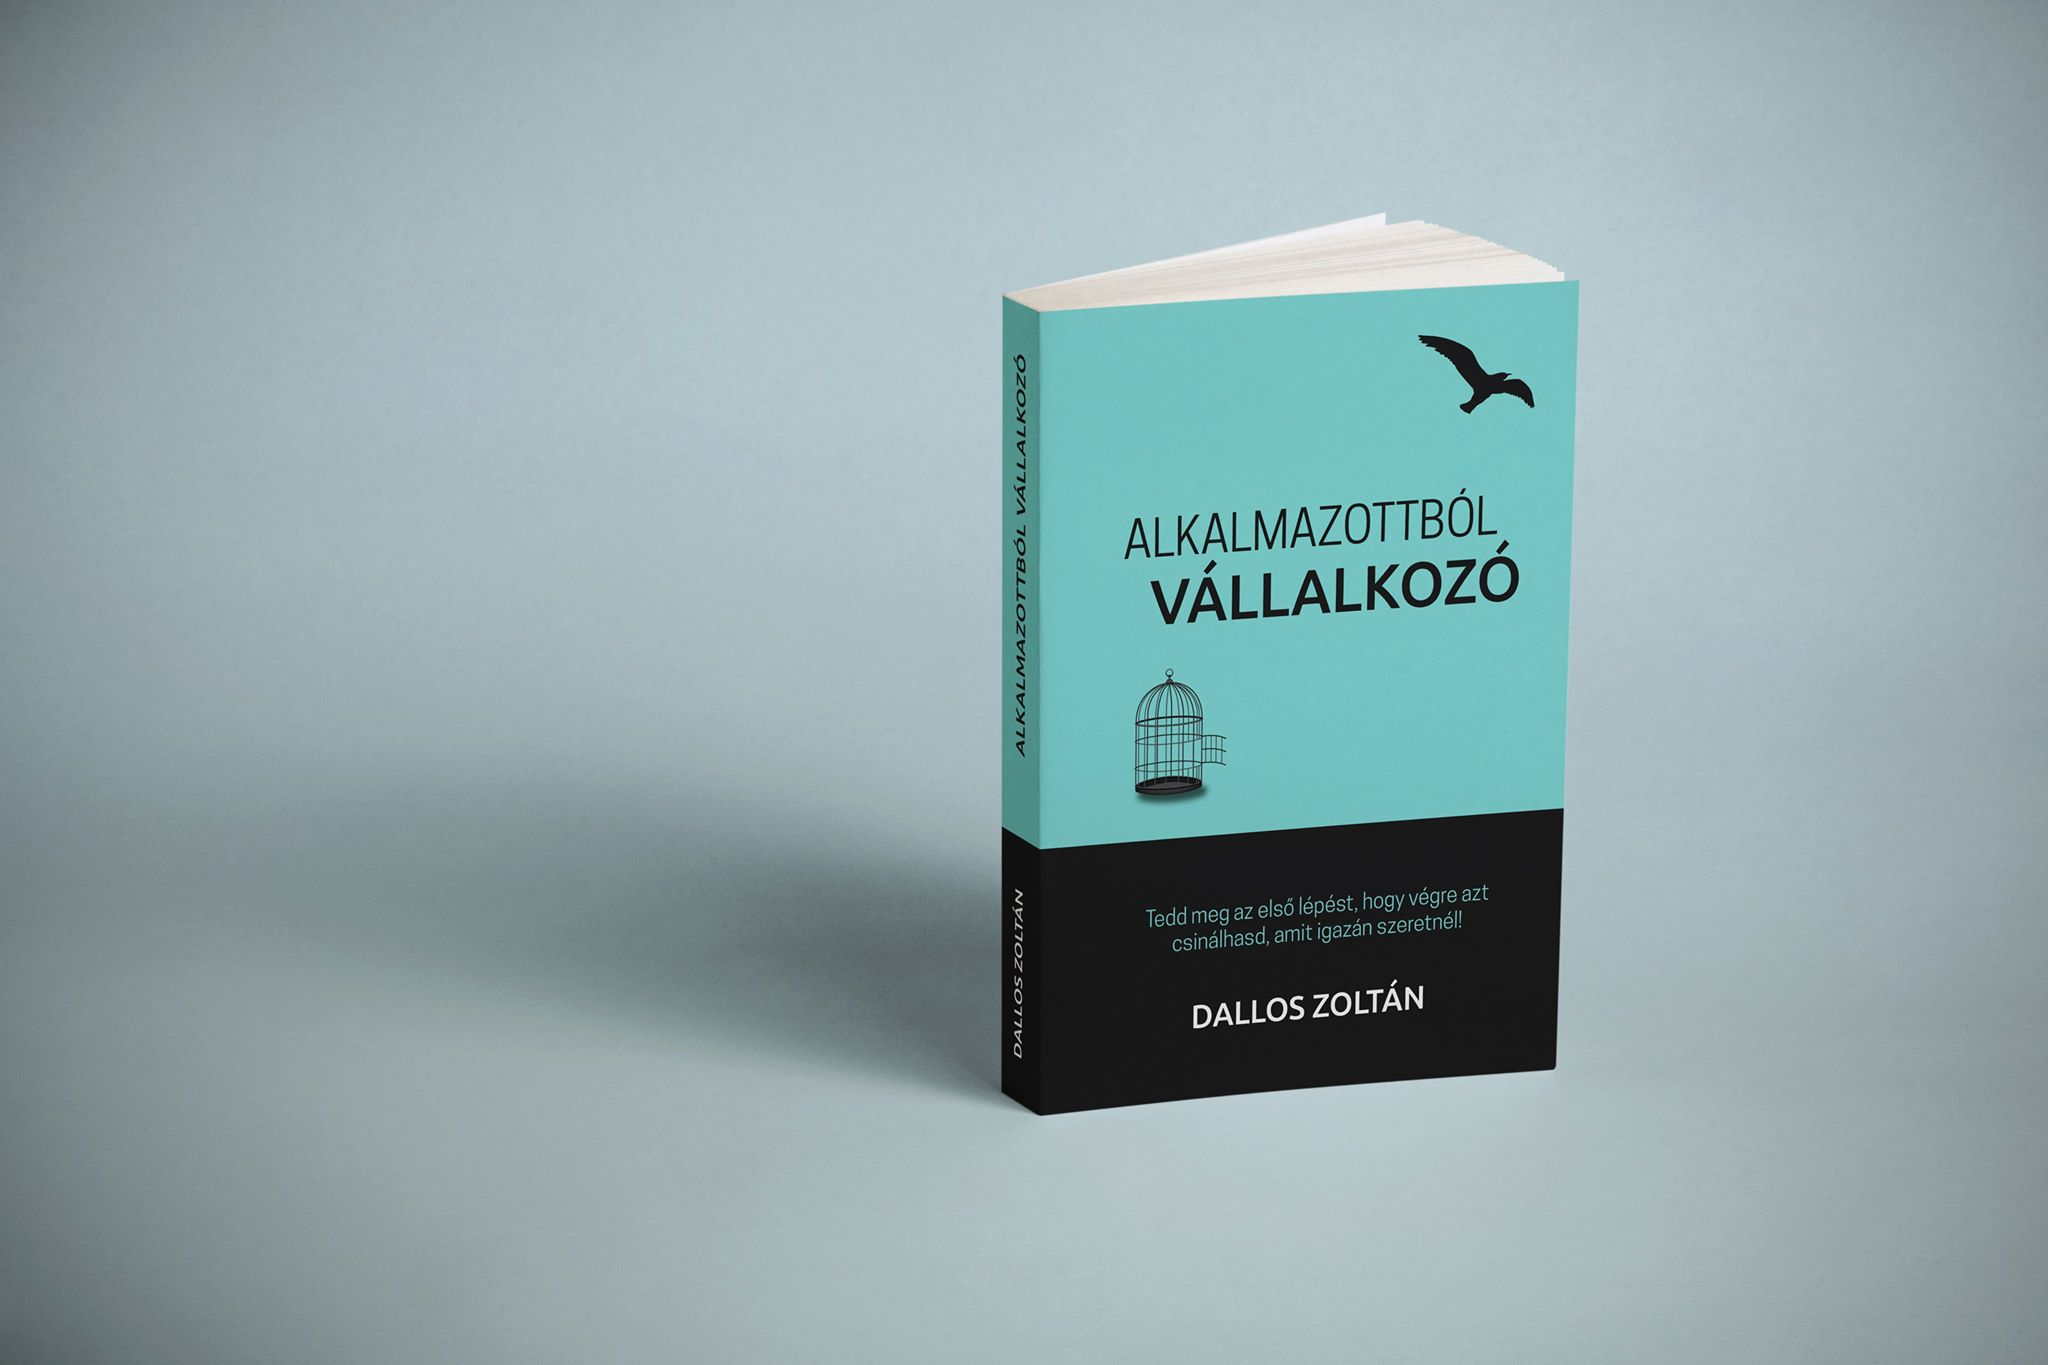 Könyvajánló: Dallos Zoltán – Alkalmazottból vállalkozó